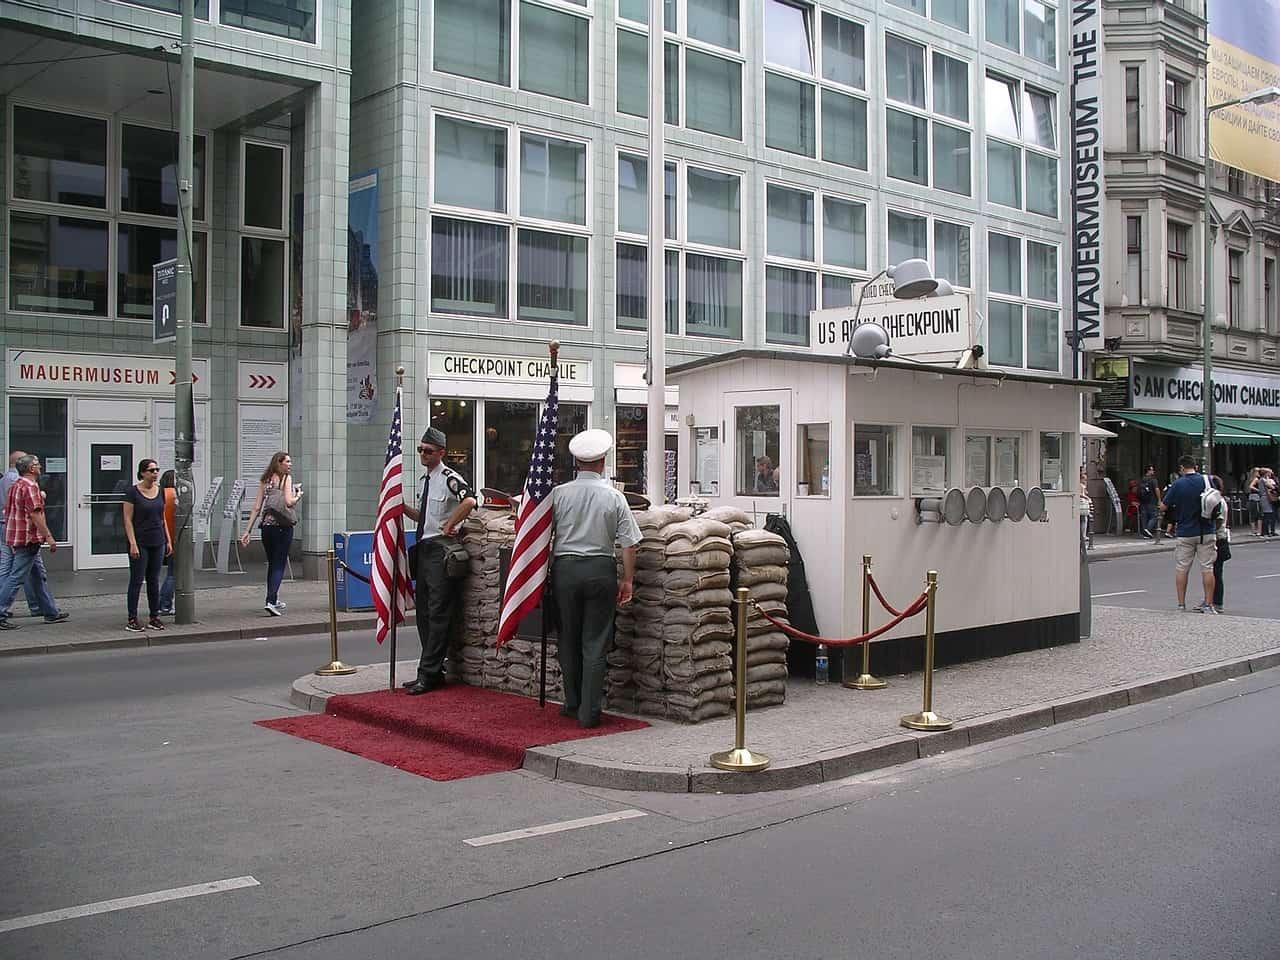 Réplica de posto militar em Berlim